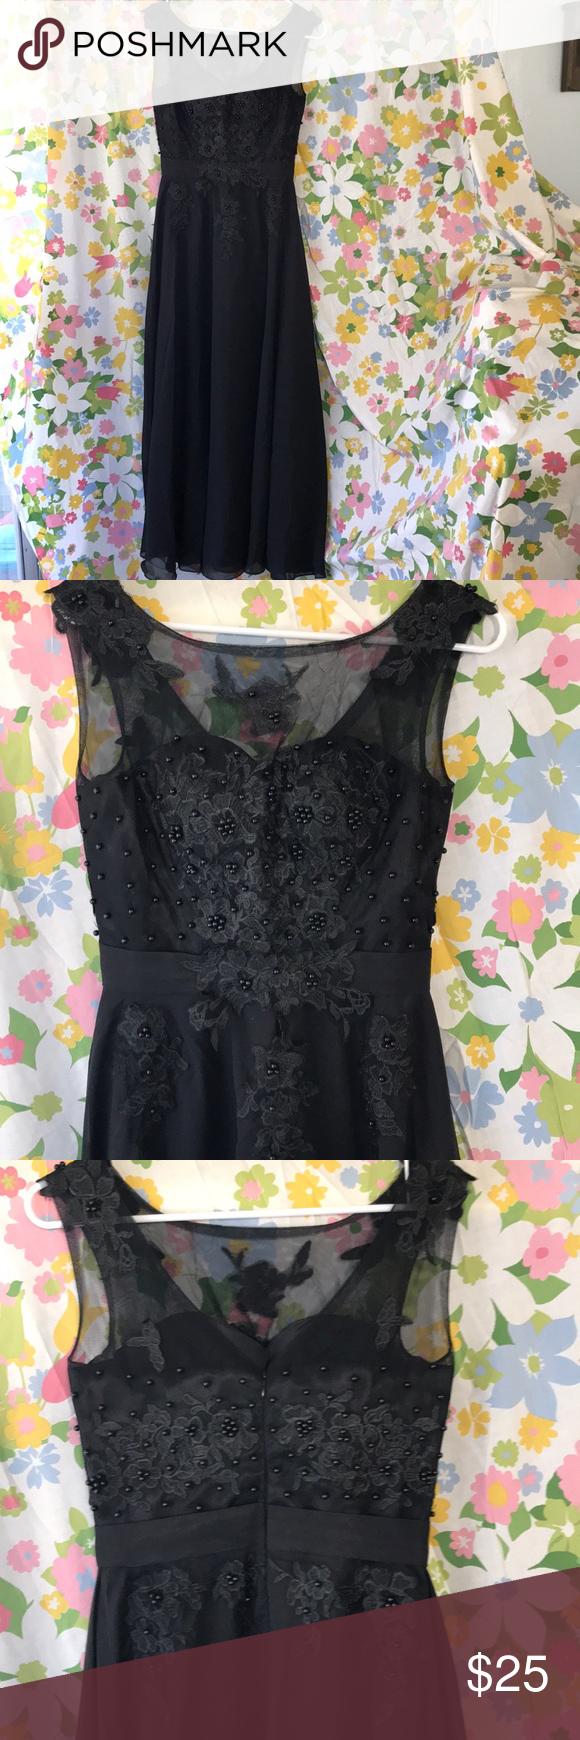 Dinner Dress Black Sheer Beaded Top Size 4 Black Dinner Dress Dinner Dress Clothes Design [ 1740 x 580 Pixel ]